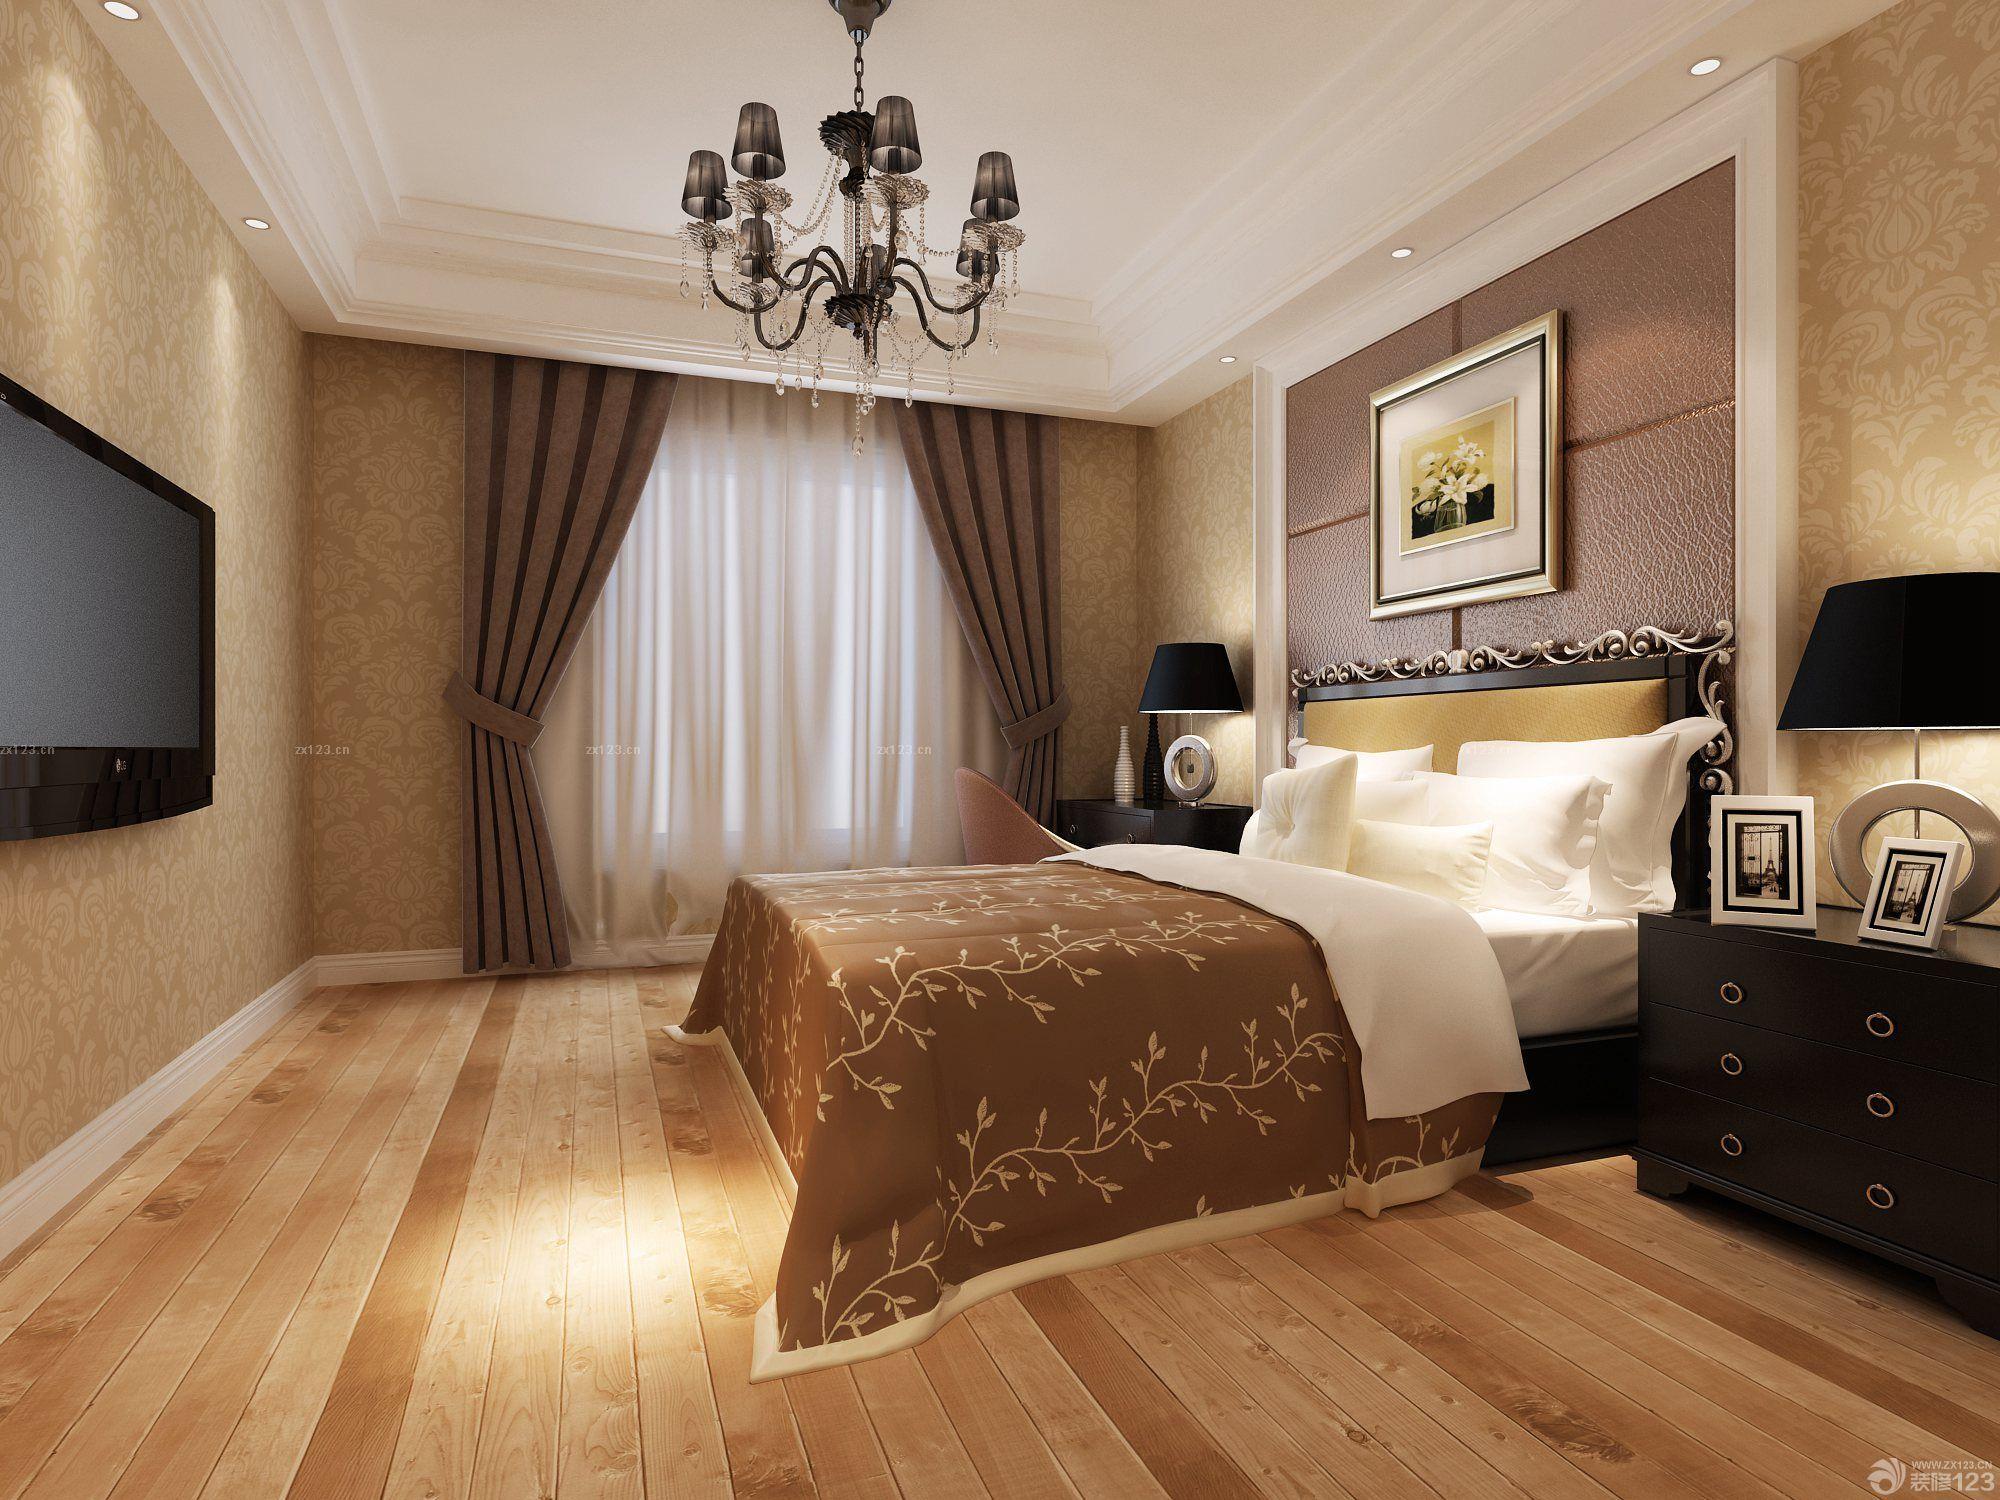 欧式床头背景墙咖啡色墙面装修效果图欣赏